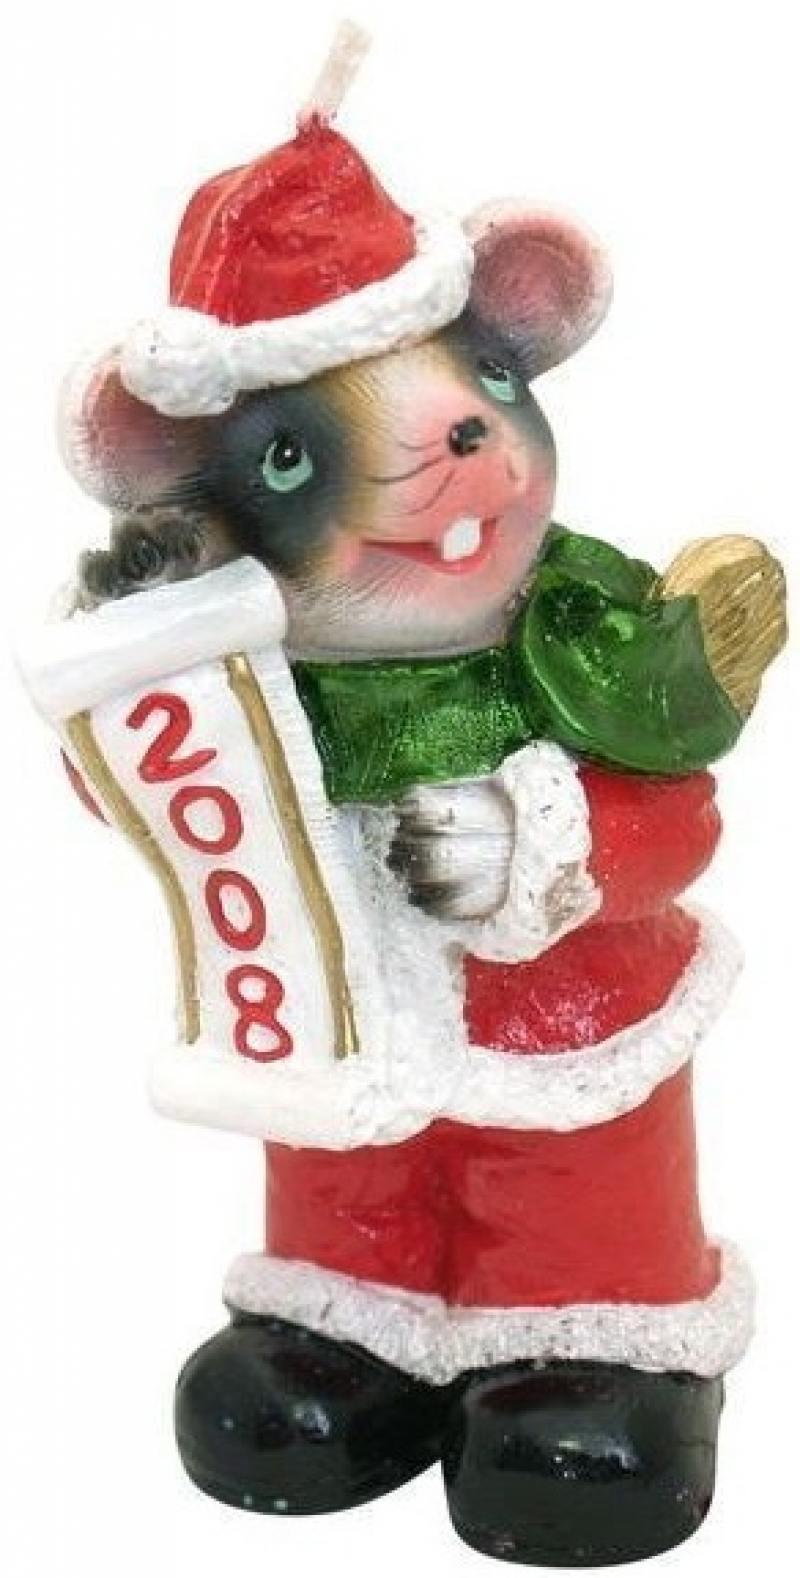 Фото Свеча МЫШЬ новогодняя 2008, 11 см, 1 в. свеча мышь новогодняя 2008 11 см 1 в